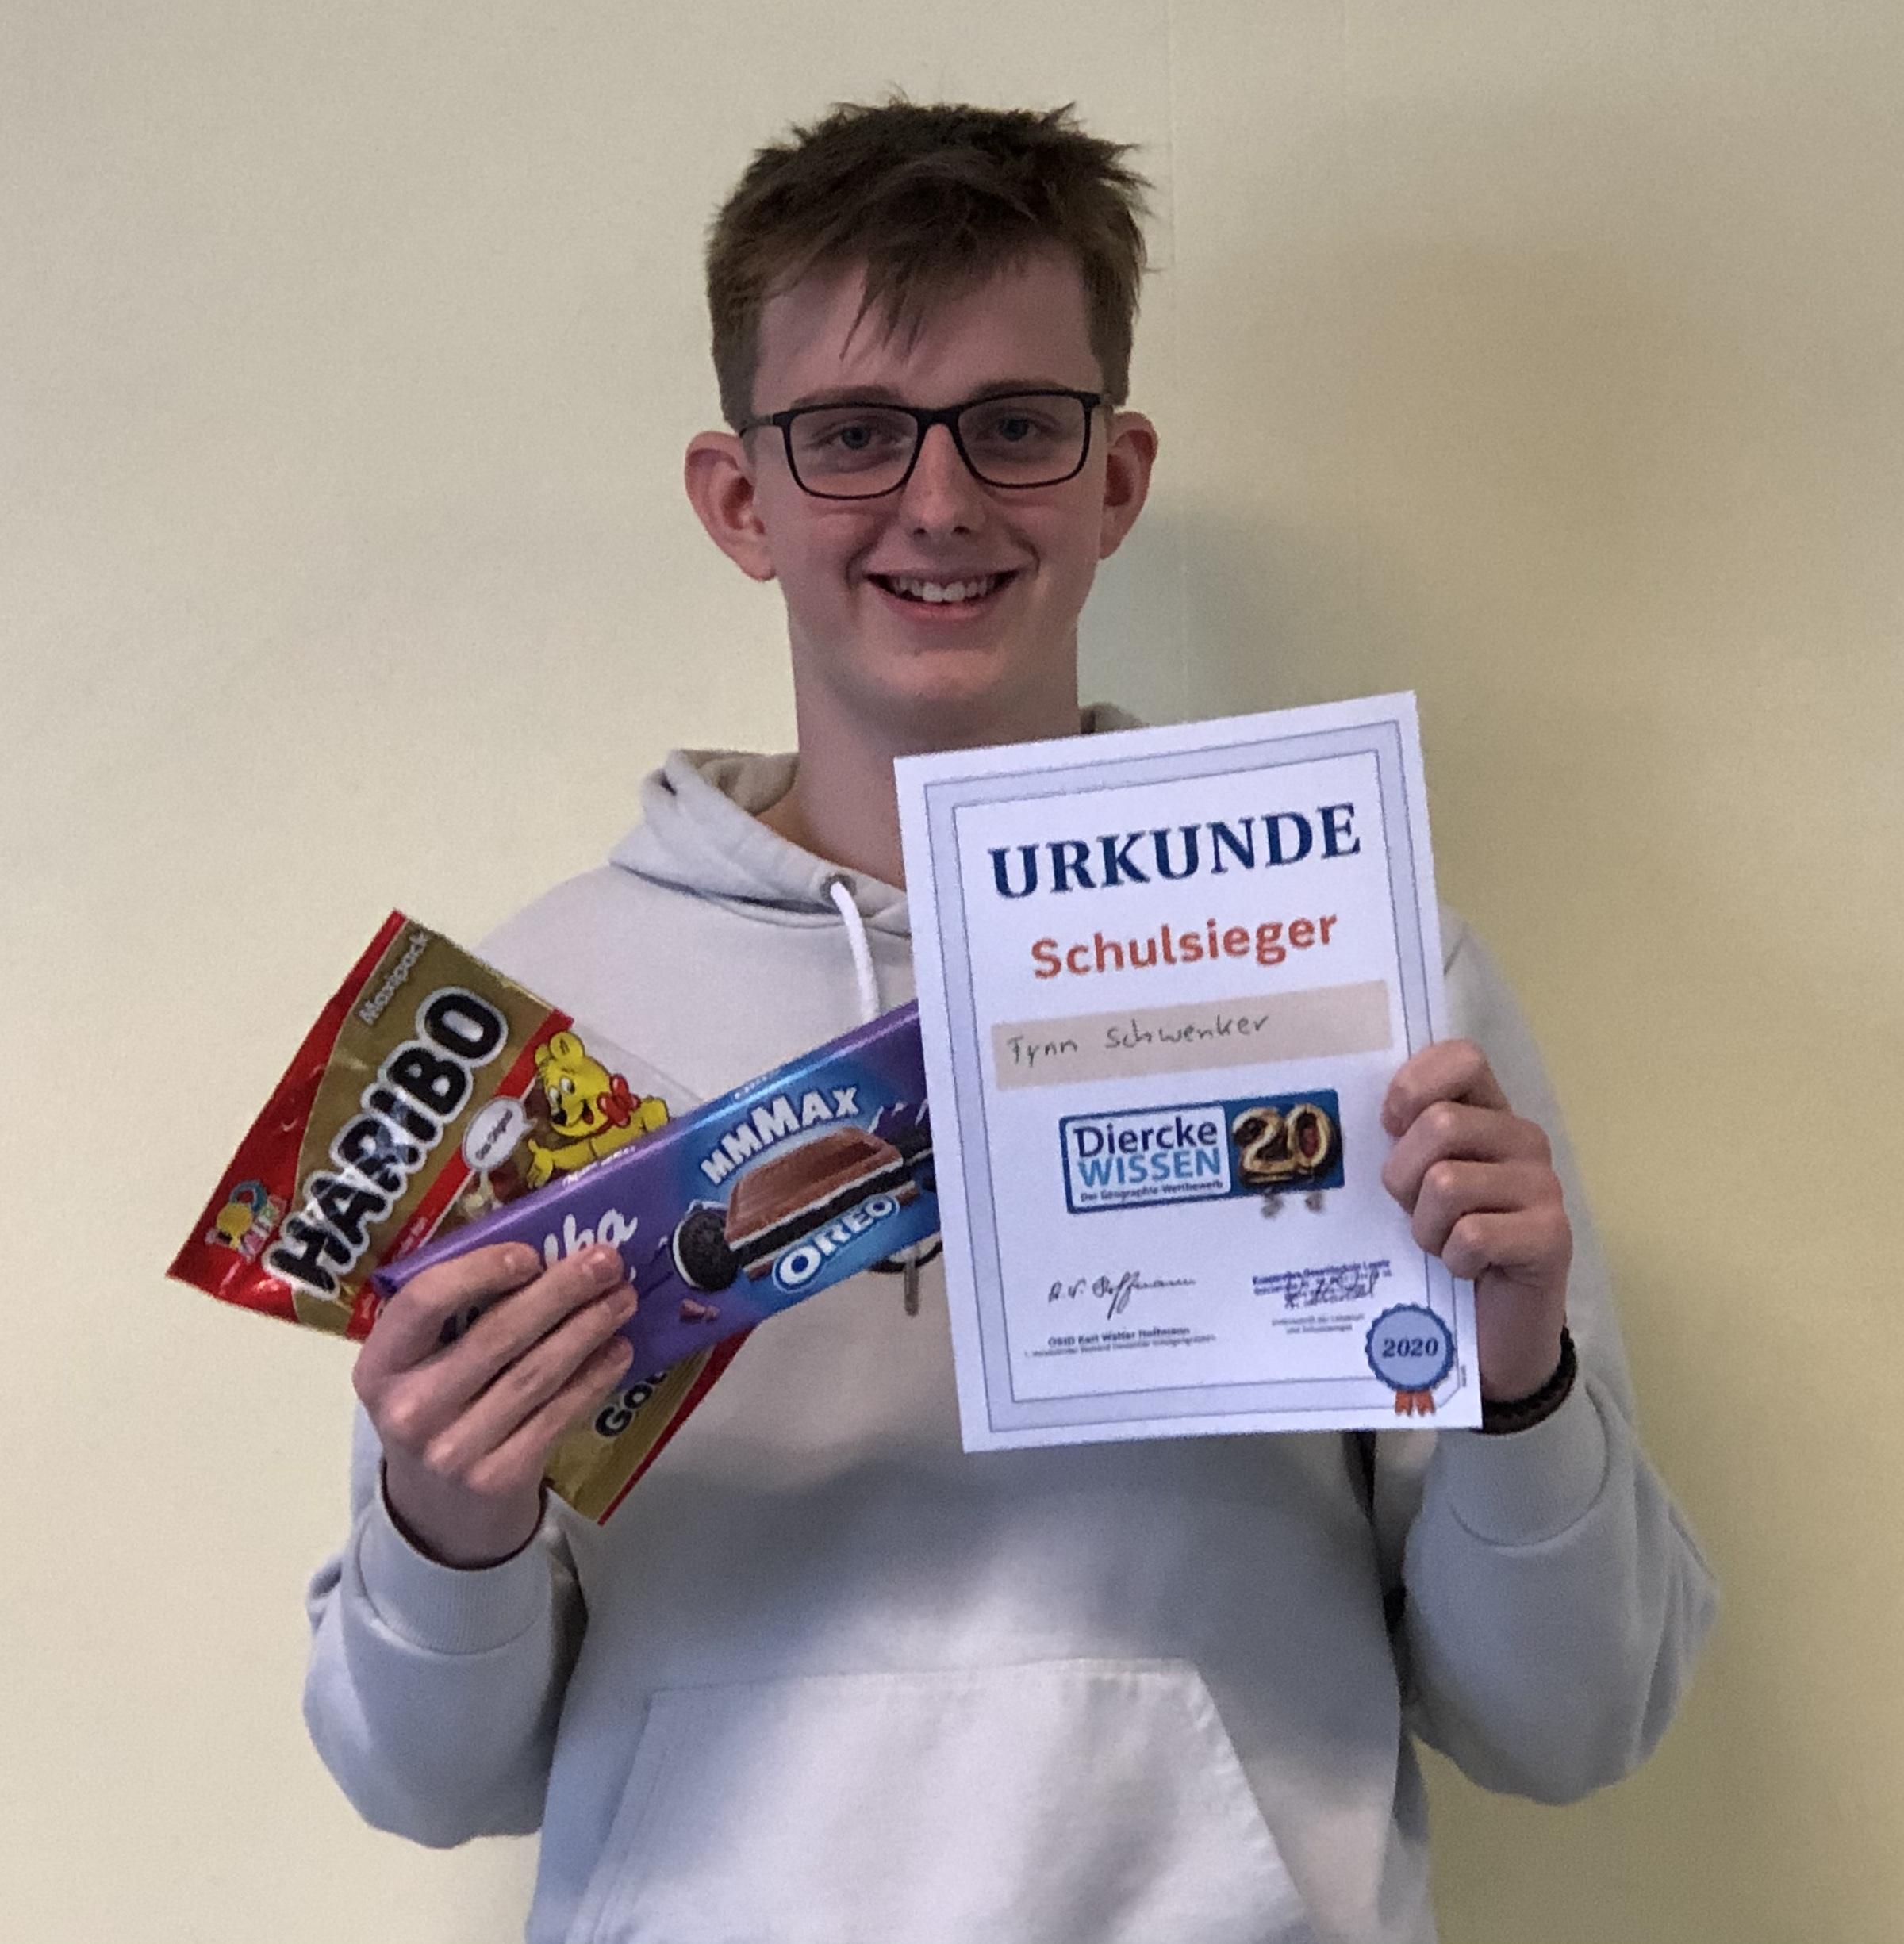 Diercke Wettbewerb Sieger